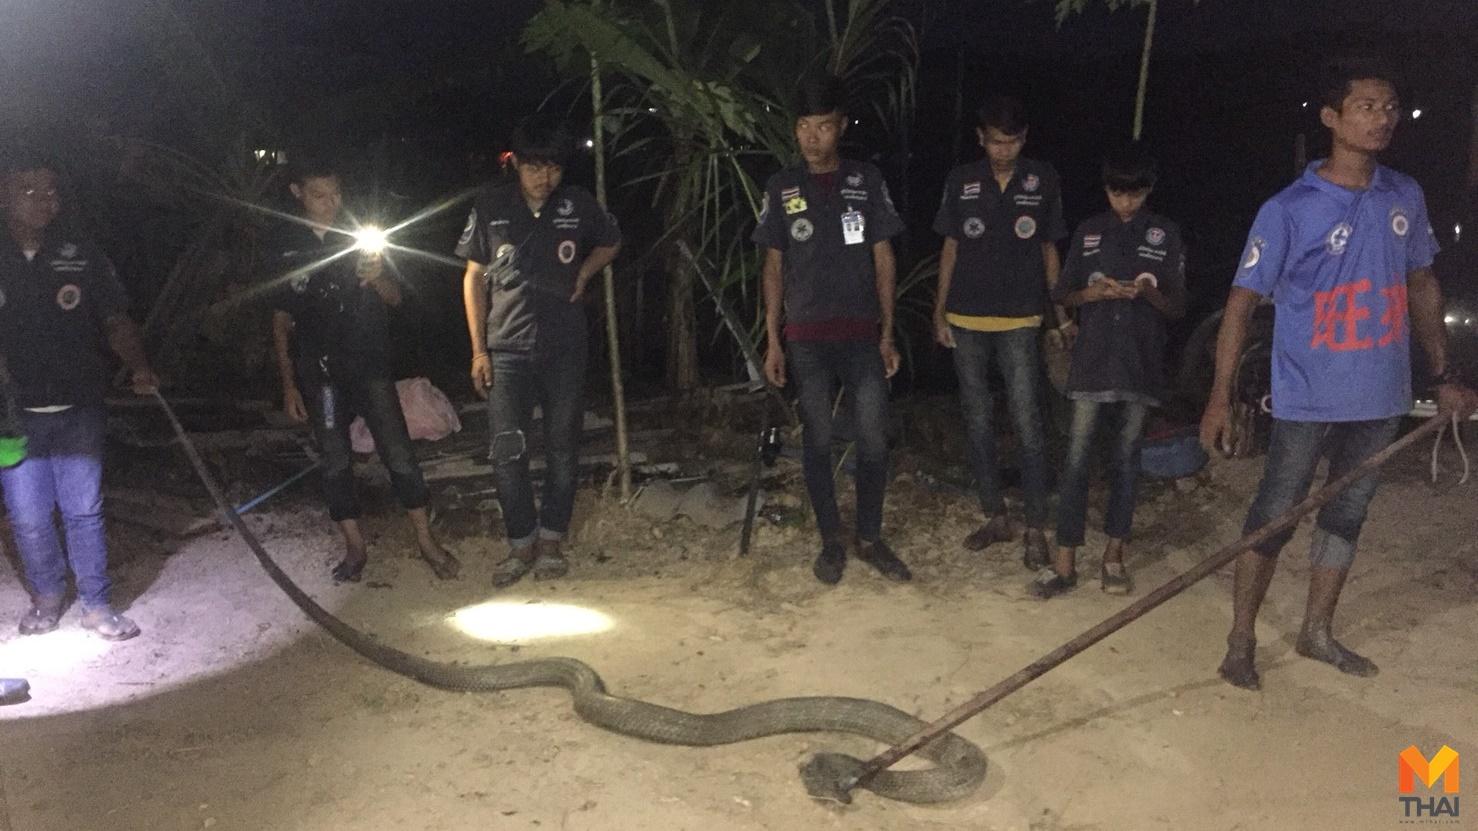 ข่าวภูมิภาค งู งูจงอาง หาปลา